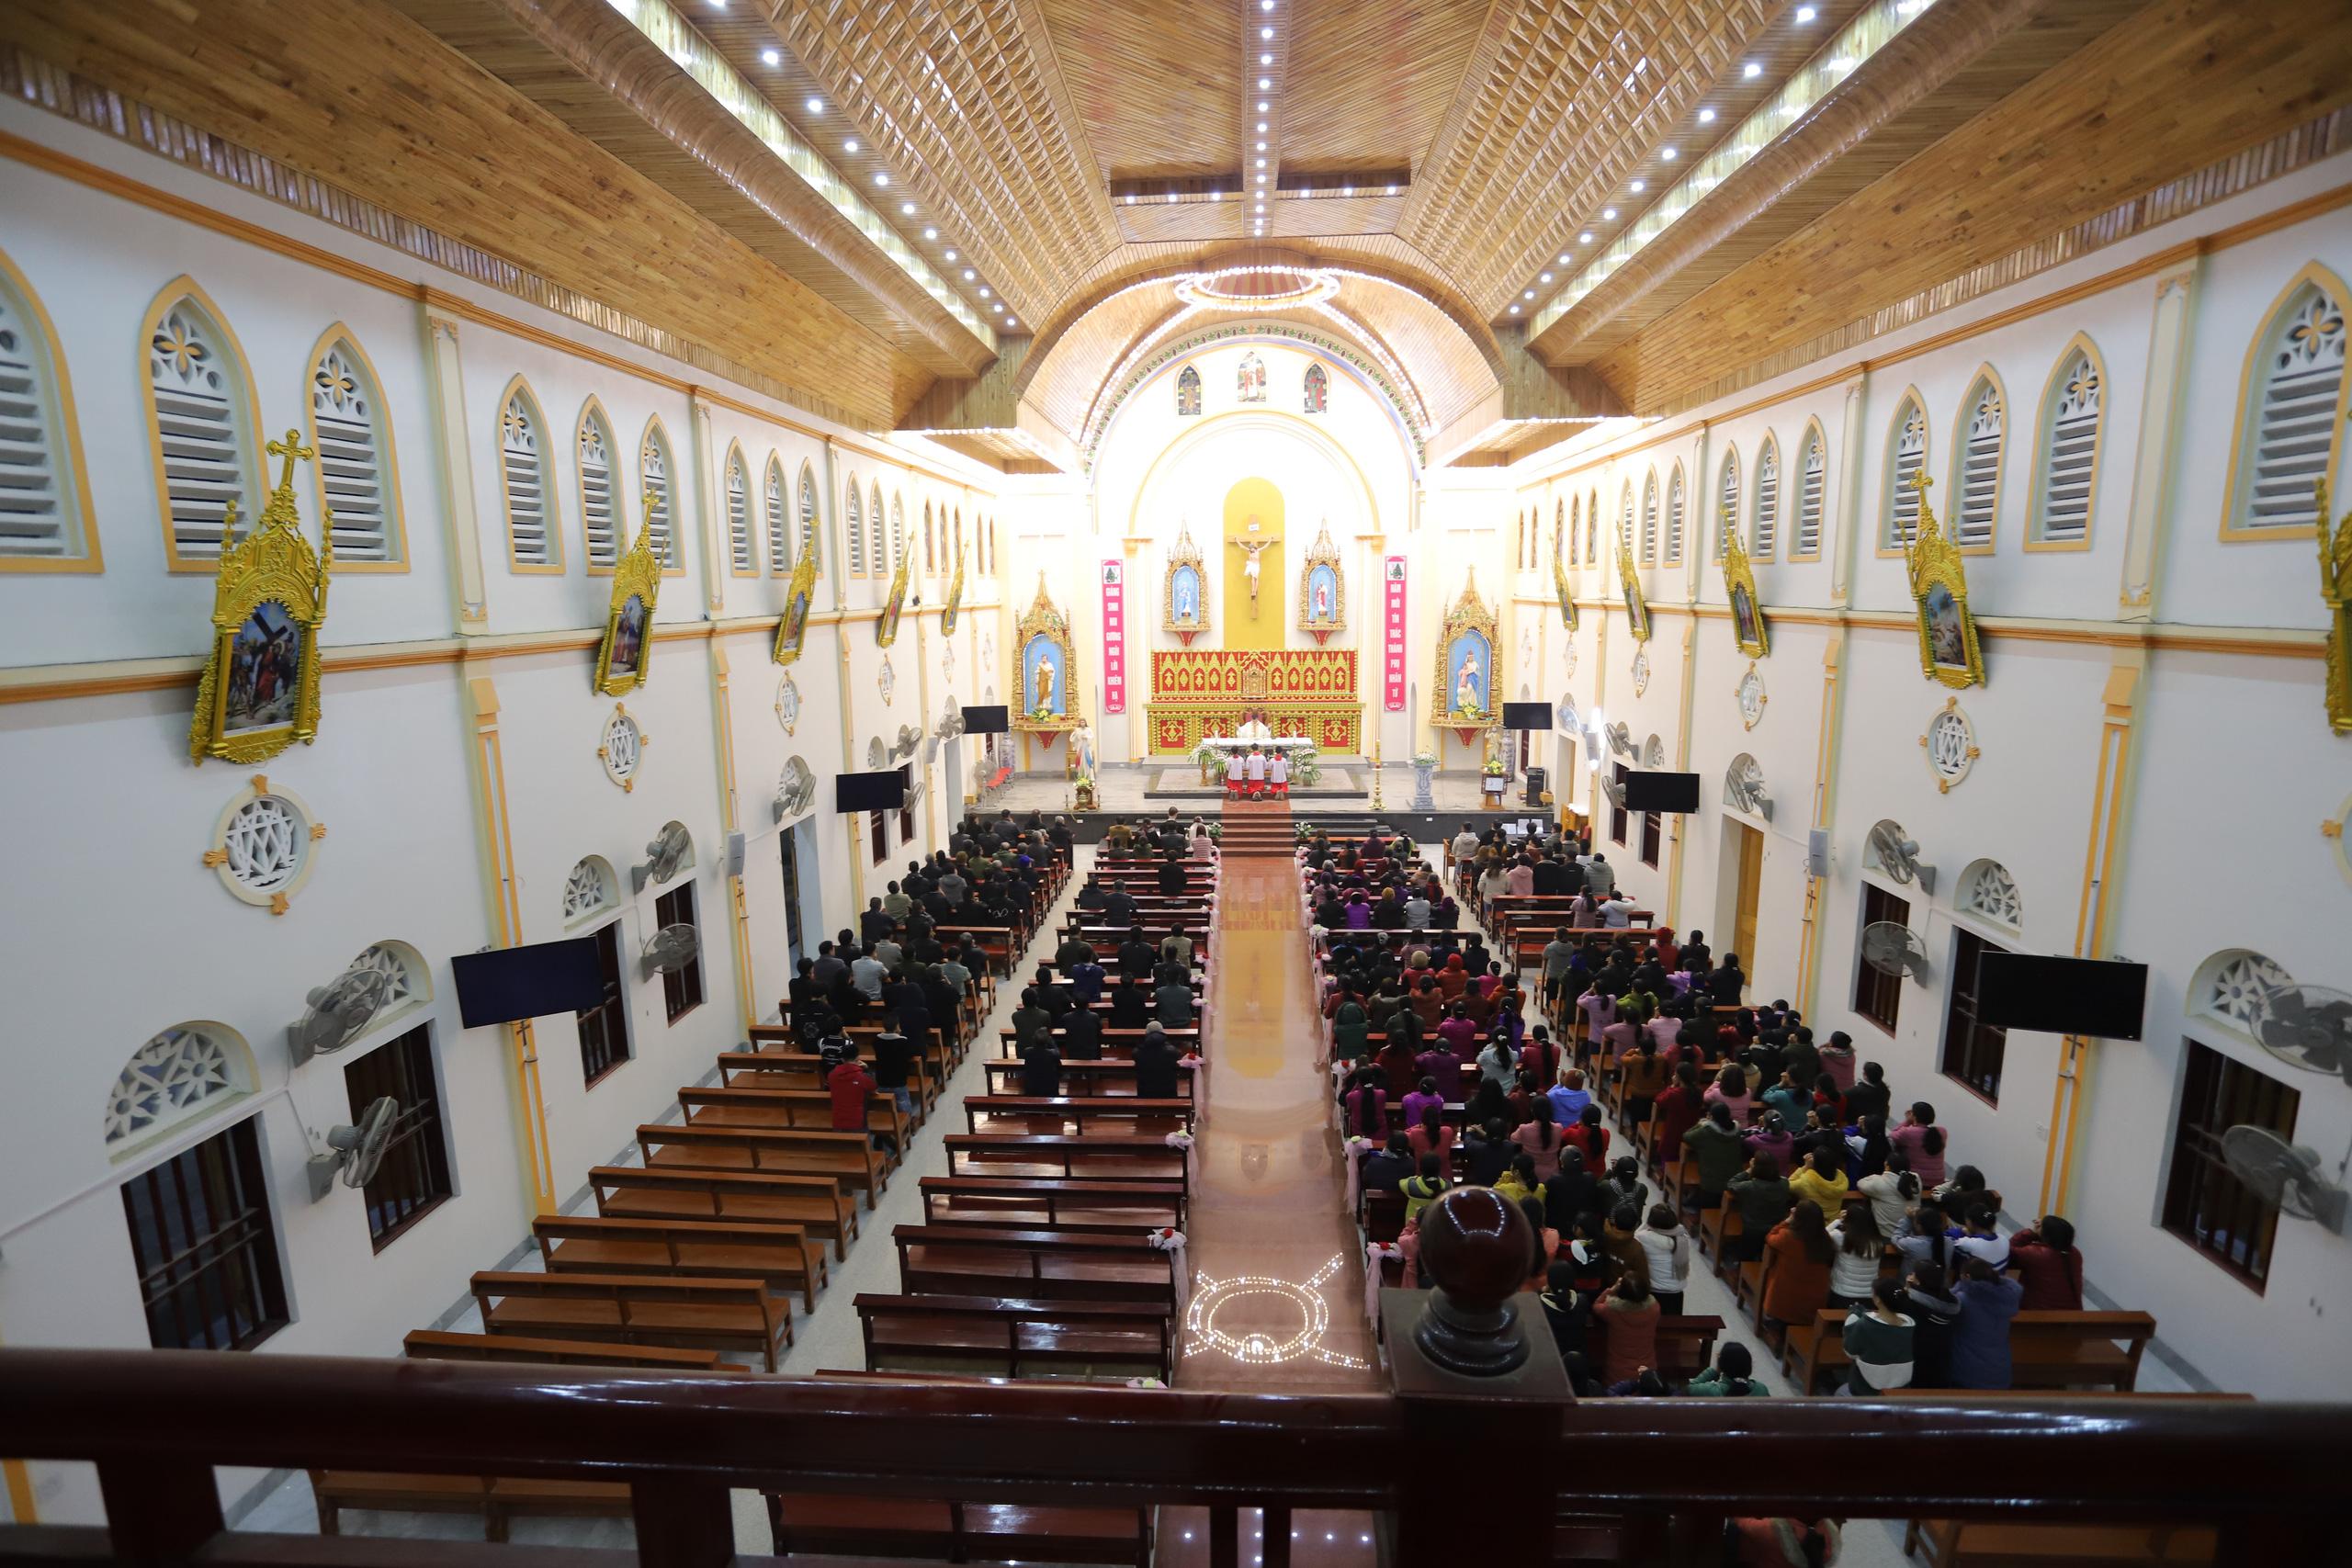 Nét đặc trưng đám cưới người có đạo Thiên Chúa - Ảnh 7.